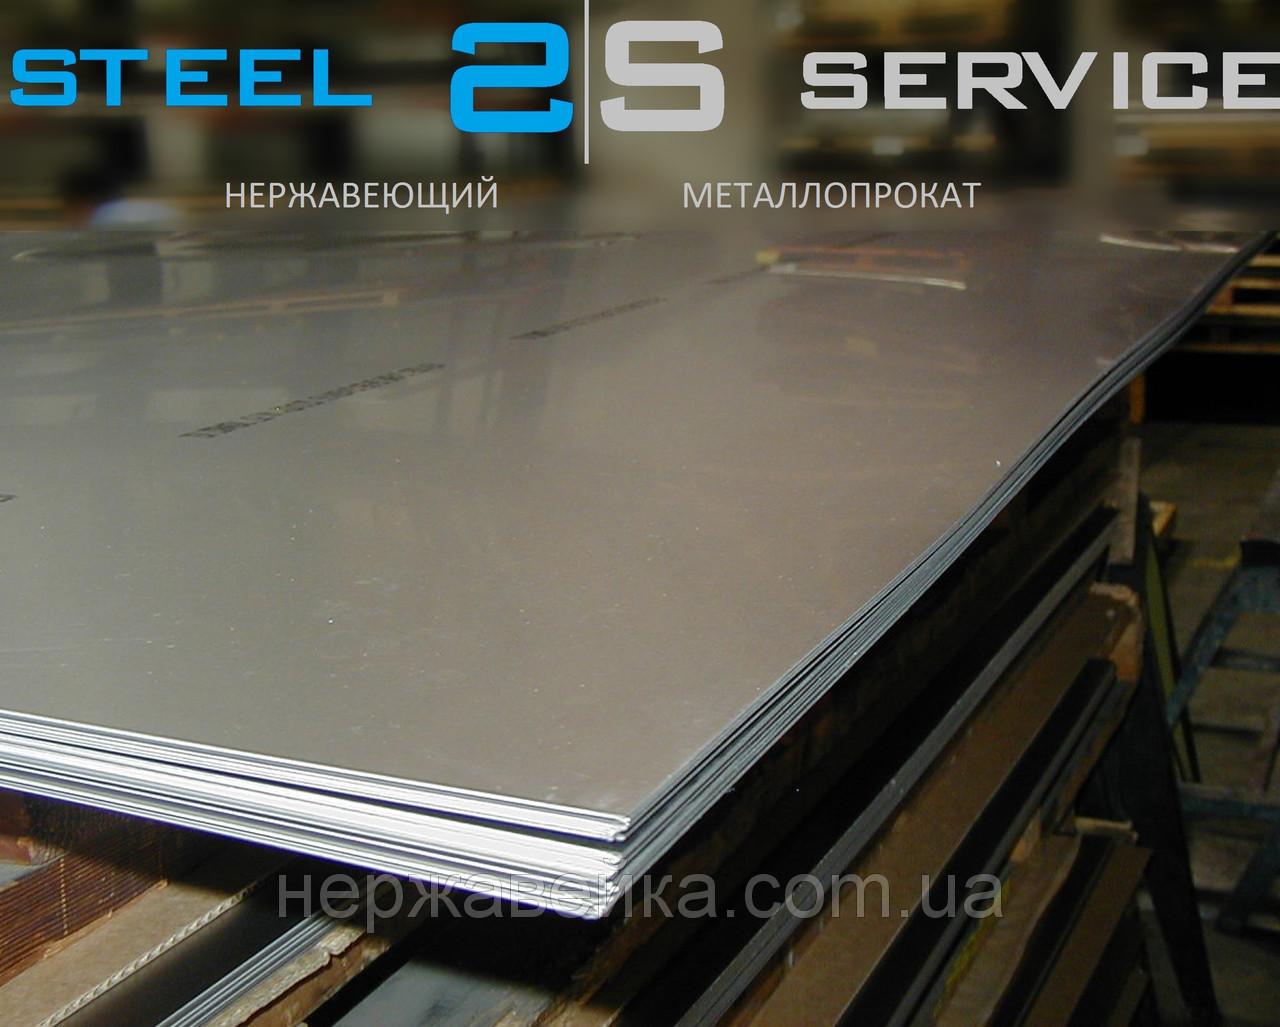 Нержавеющий лист 2х1500х3000мм AISI 430(12Х17) BA - зеркало, технический